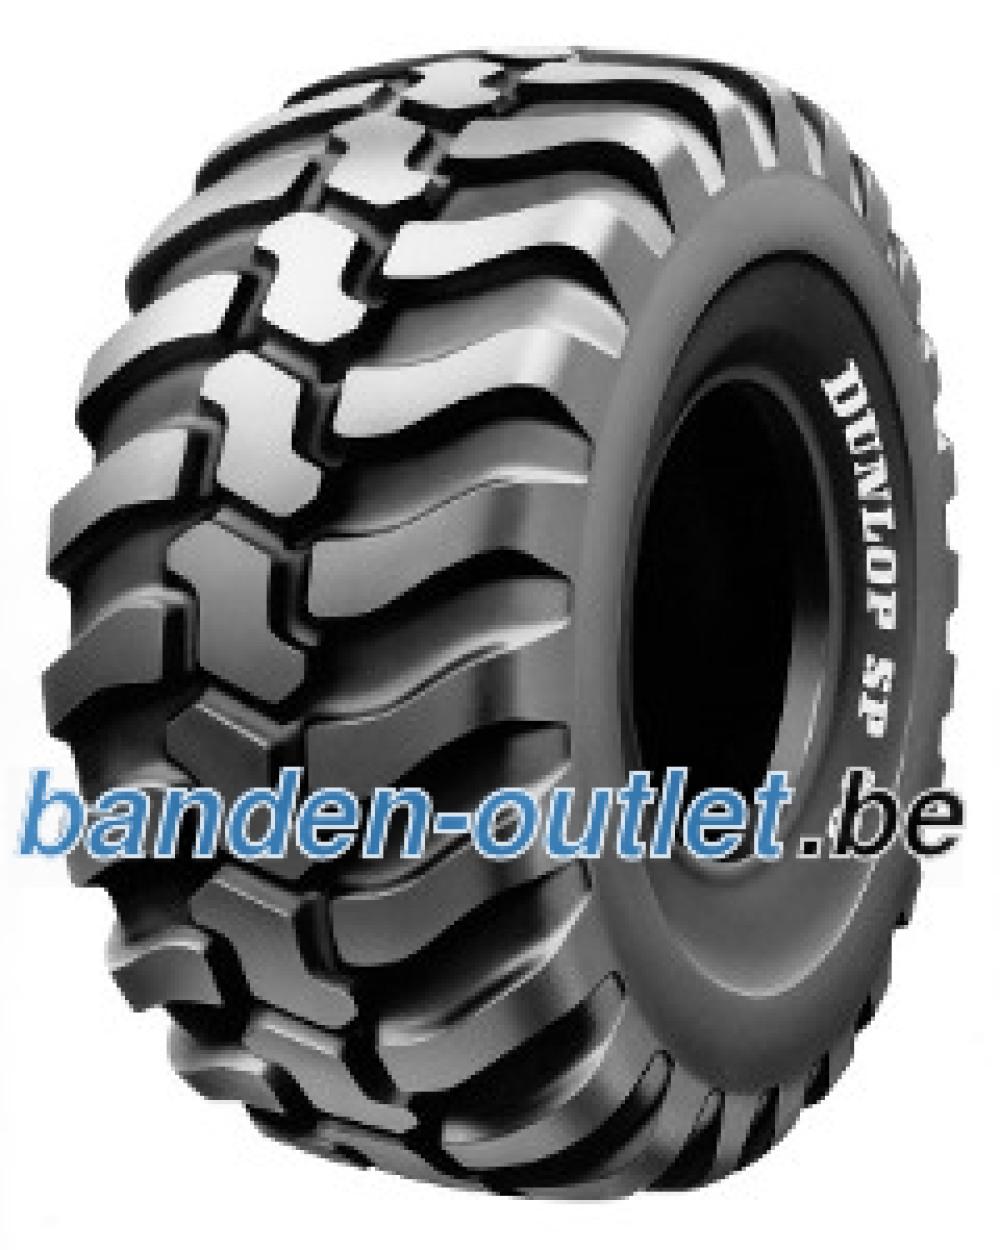 Dunlop SP T9 ( 405/70 R20 152J 16PR TL , Dubbel merk 16.00/70 , Doppelkennung 16.00/70, Doppelkennung 16.00/70, Doppelkennung 16.00/70 R20 168A2 )